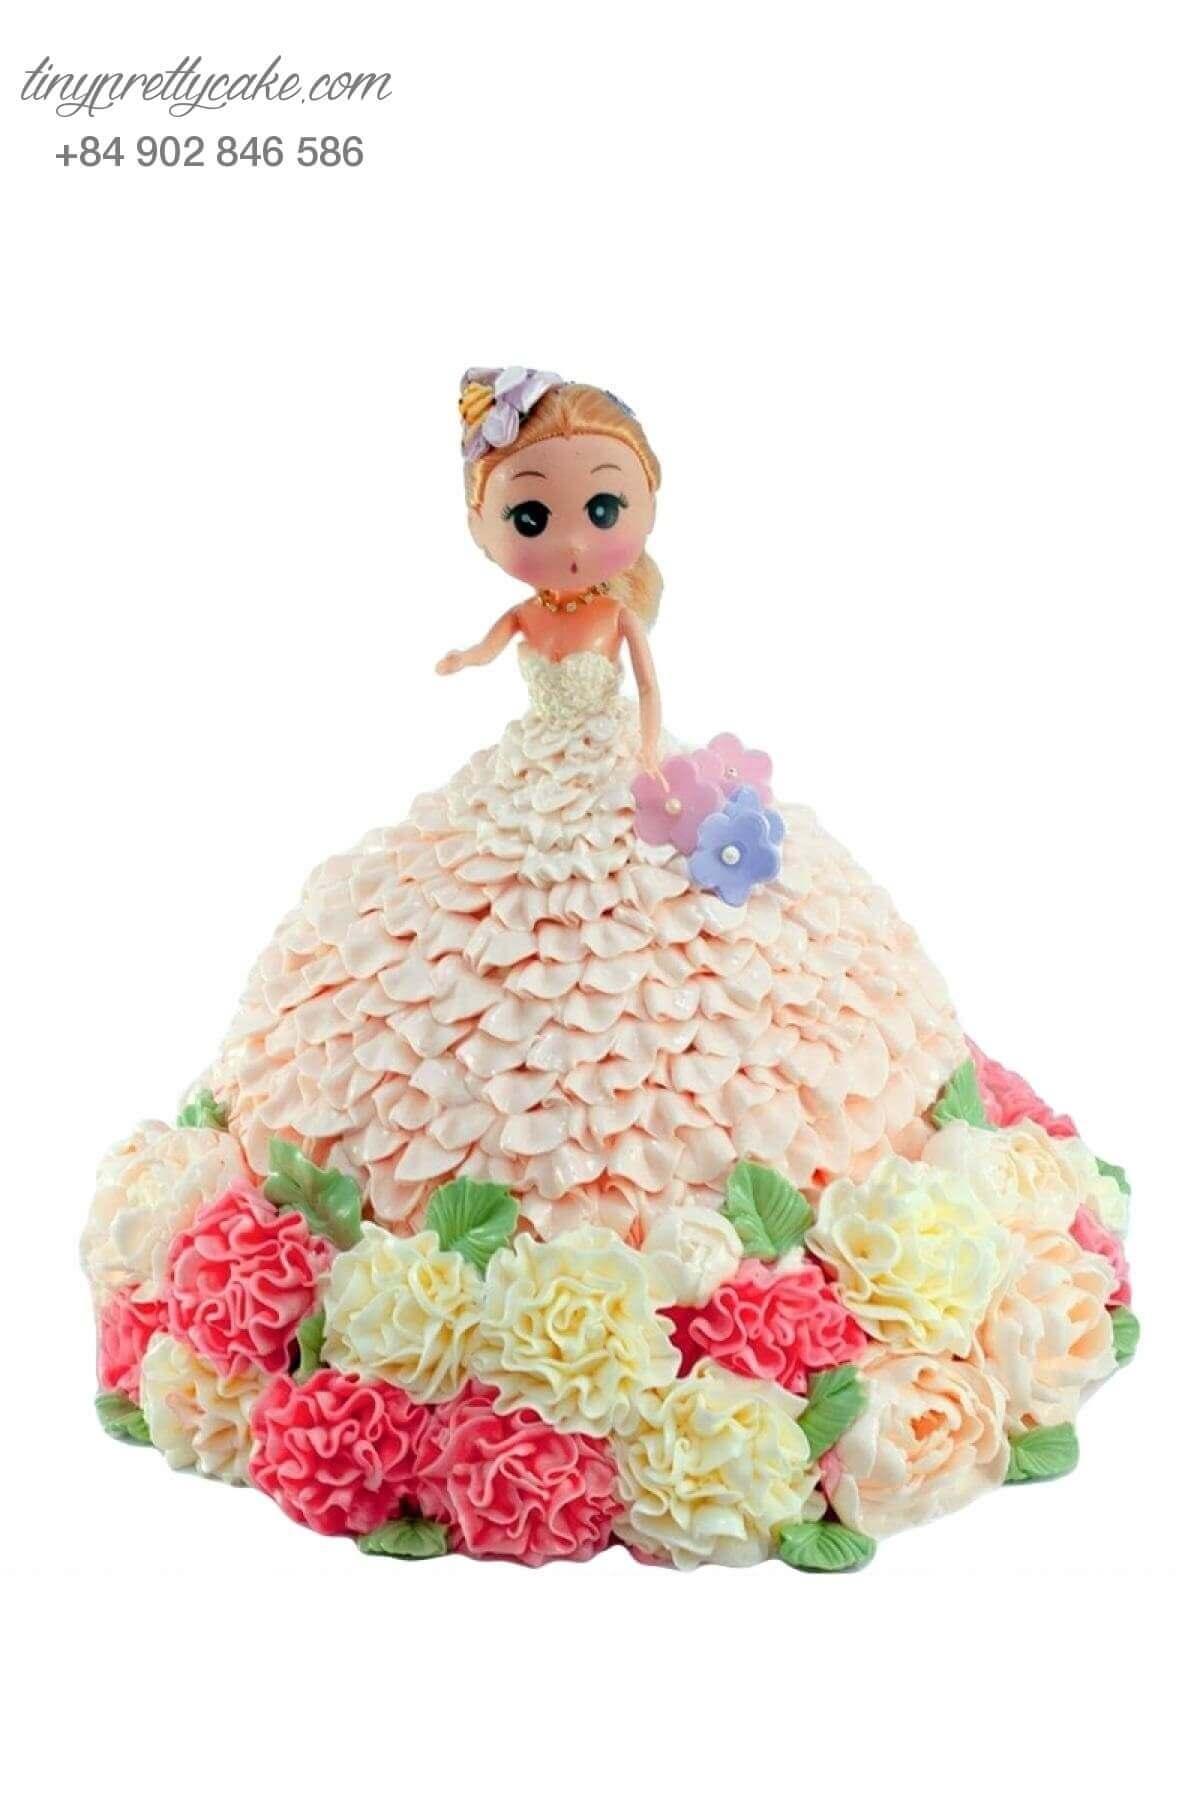 bánh gato sinh nhật công chúa mặc váy hoa